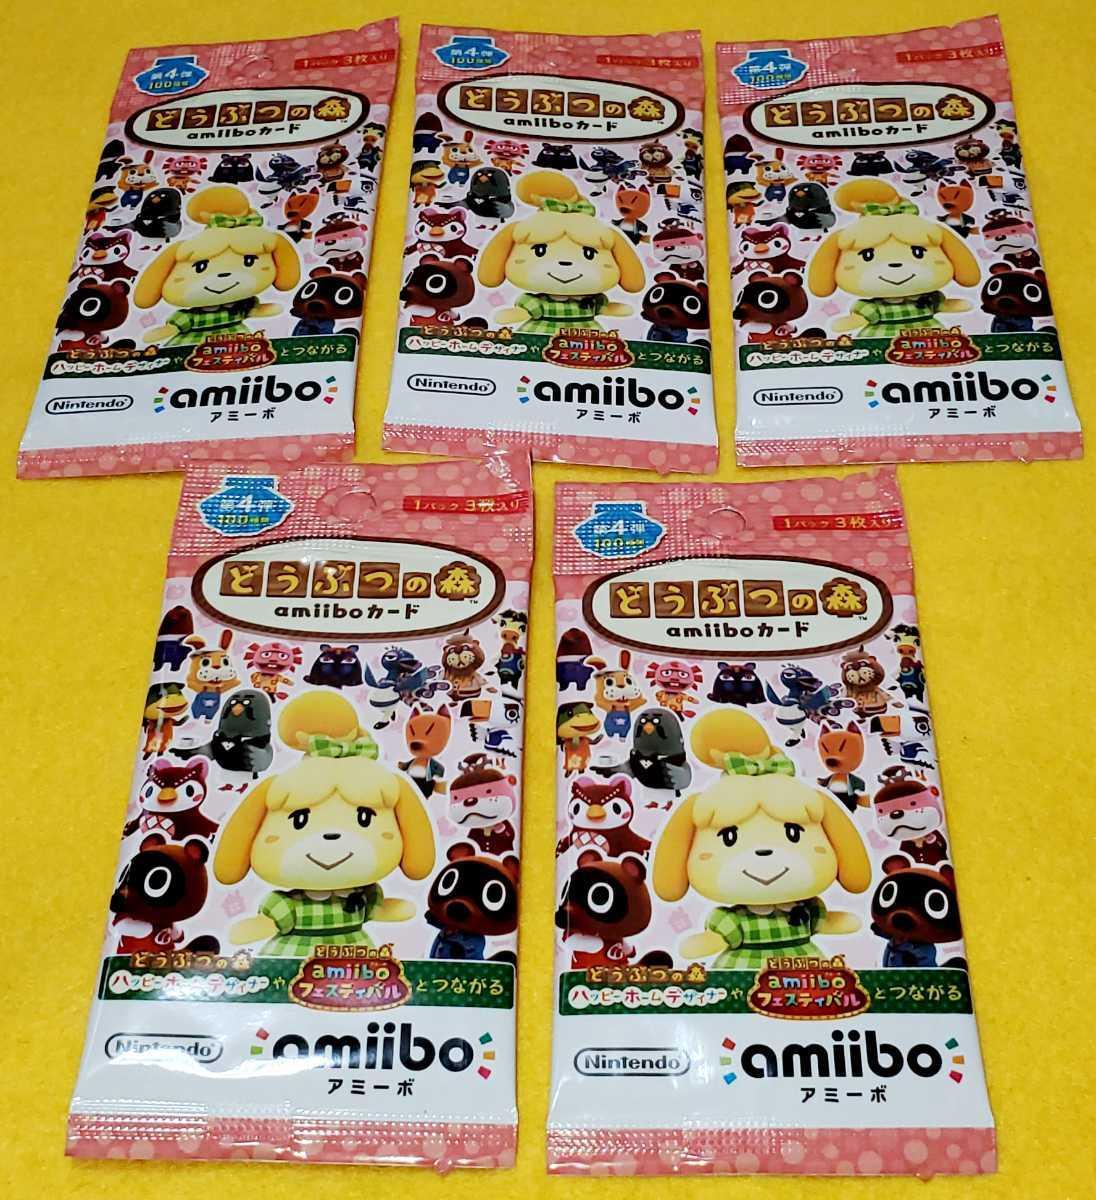 即決 任天堂 ニンテンドー Nintendo どうぶつの森 amiibo アミーボ カード 第4弾 5パック セット 未開封